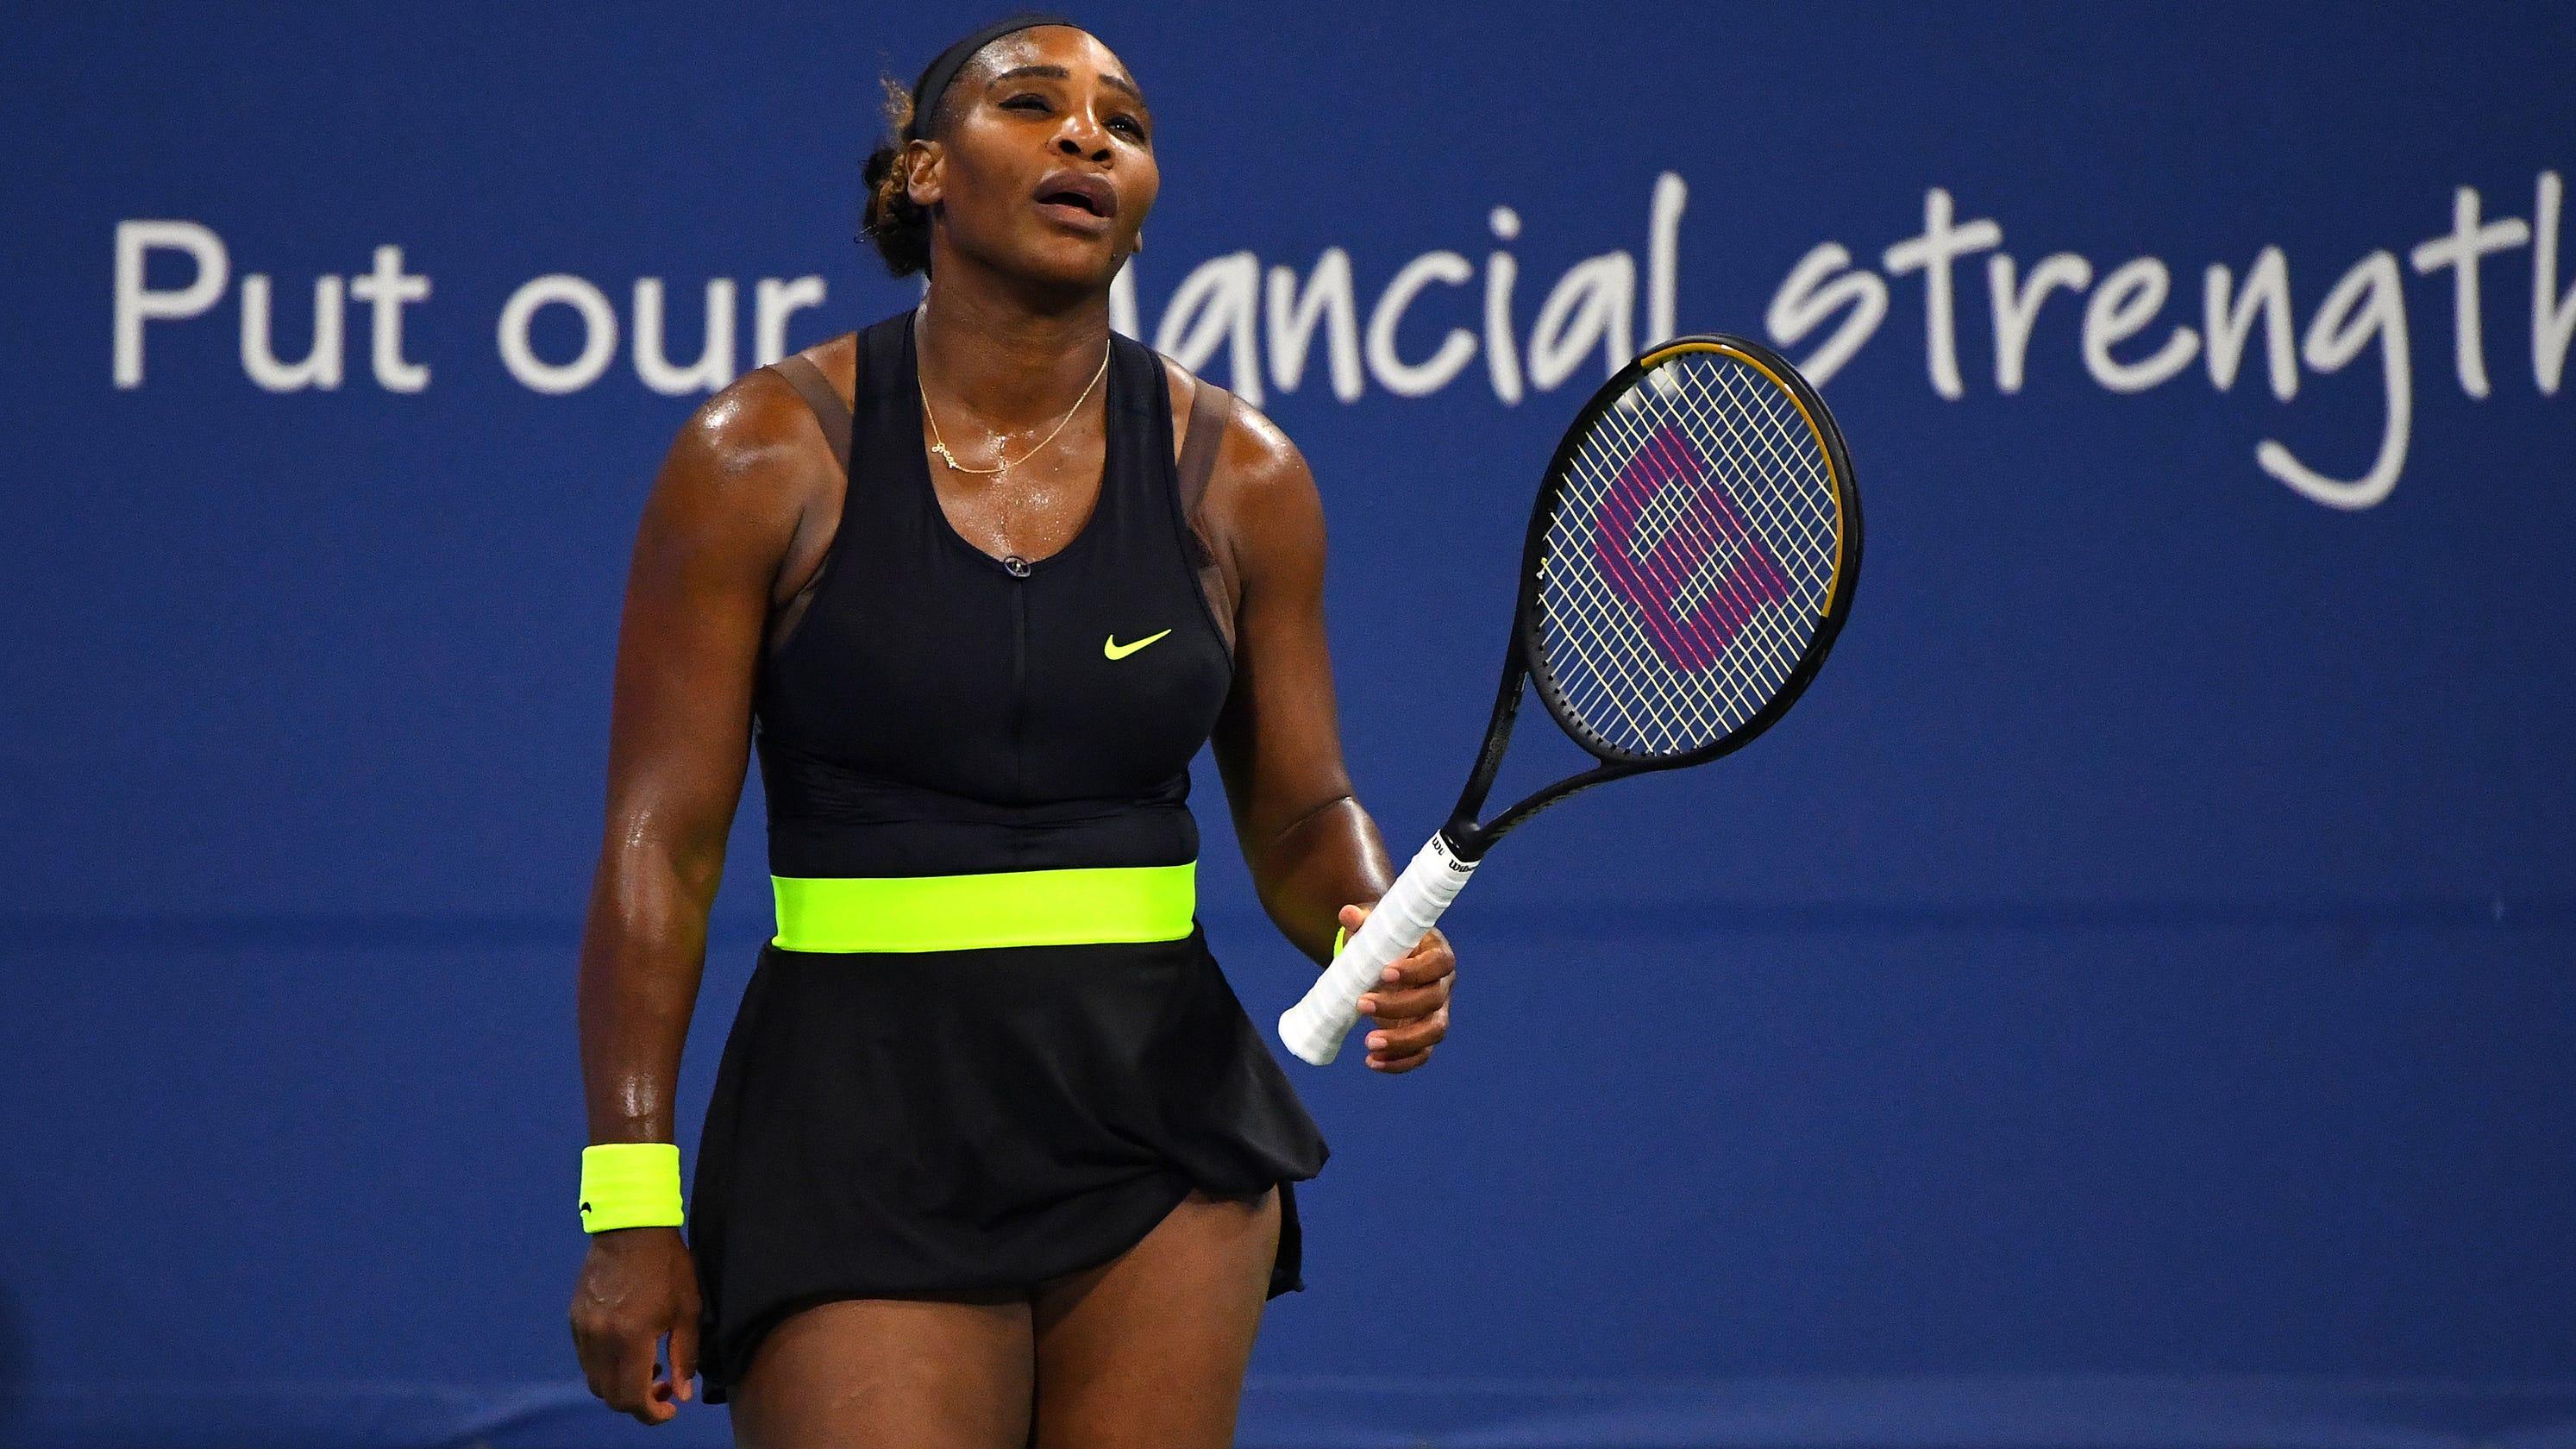 Will she win Grand Slam No. 24 at U.S. Open?